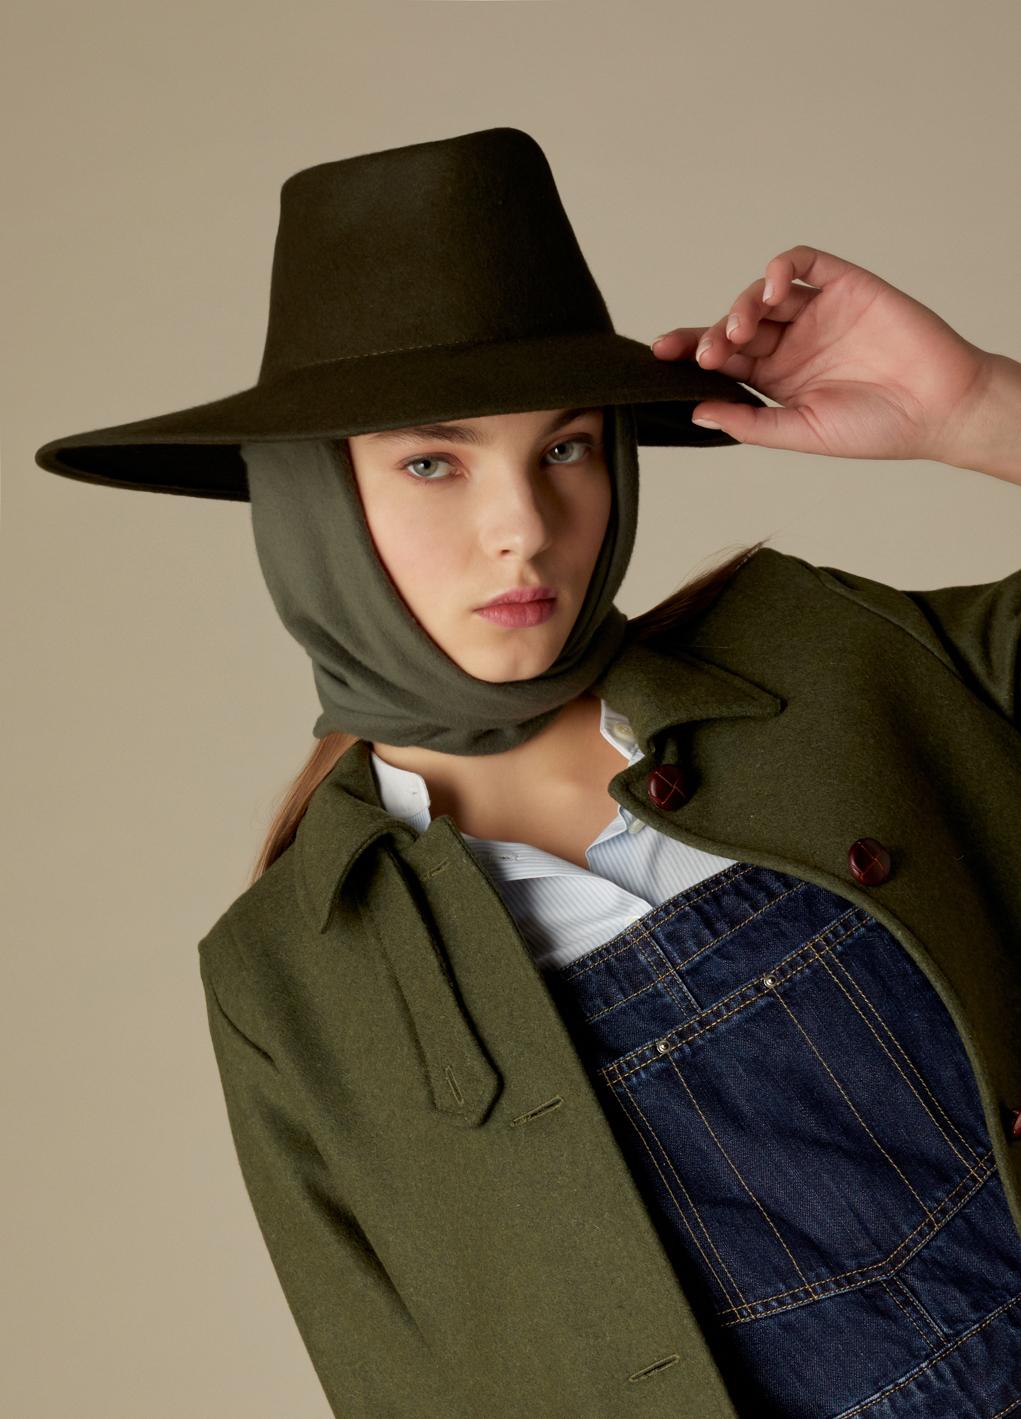 Sombrero de fieltro 100% lana Dora caqui con pañuelo de quita y pon-3